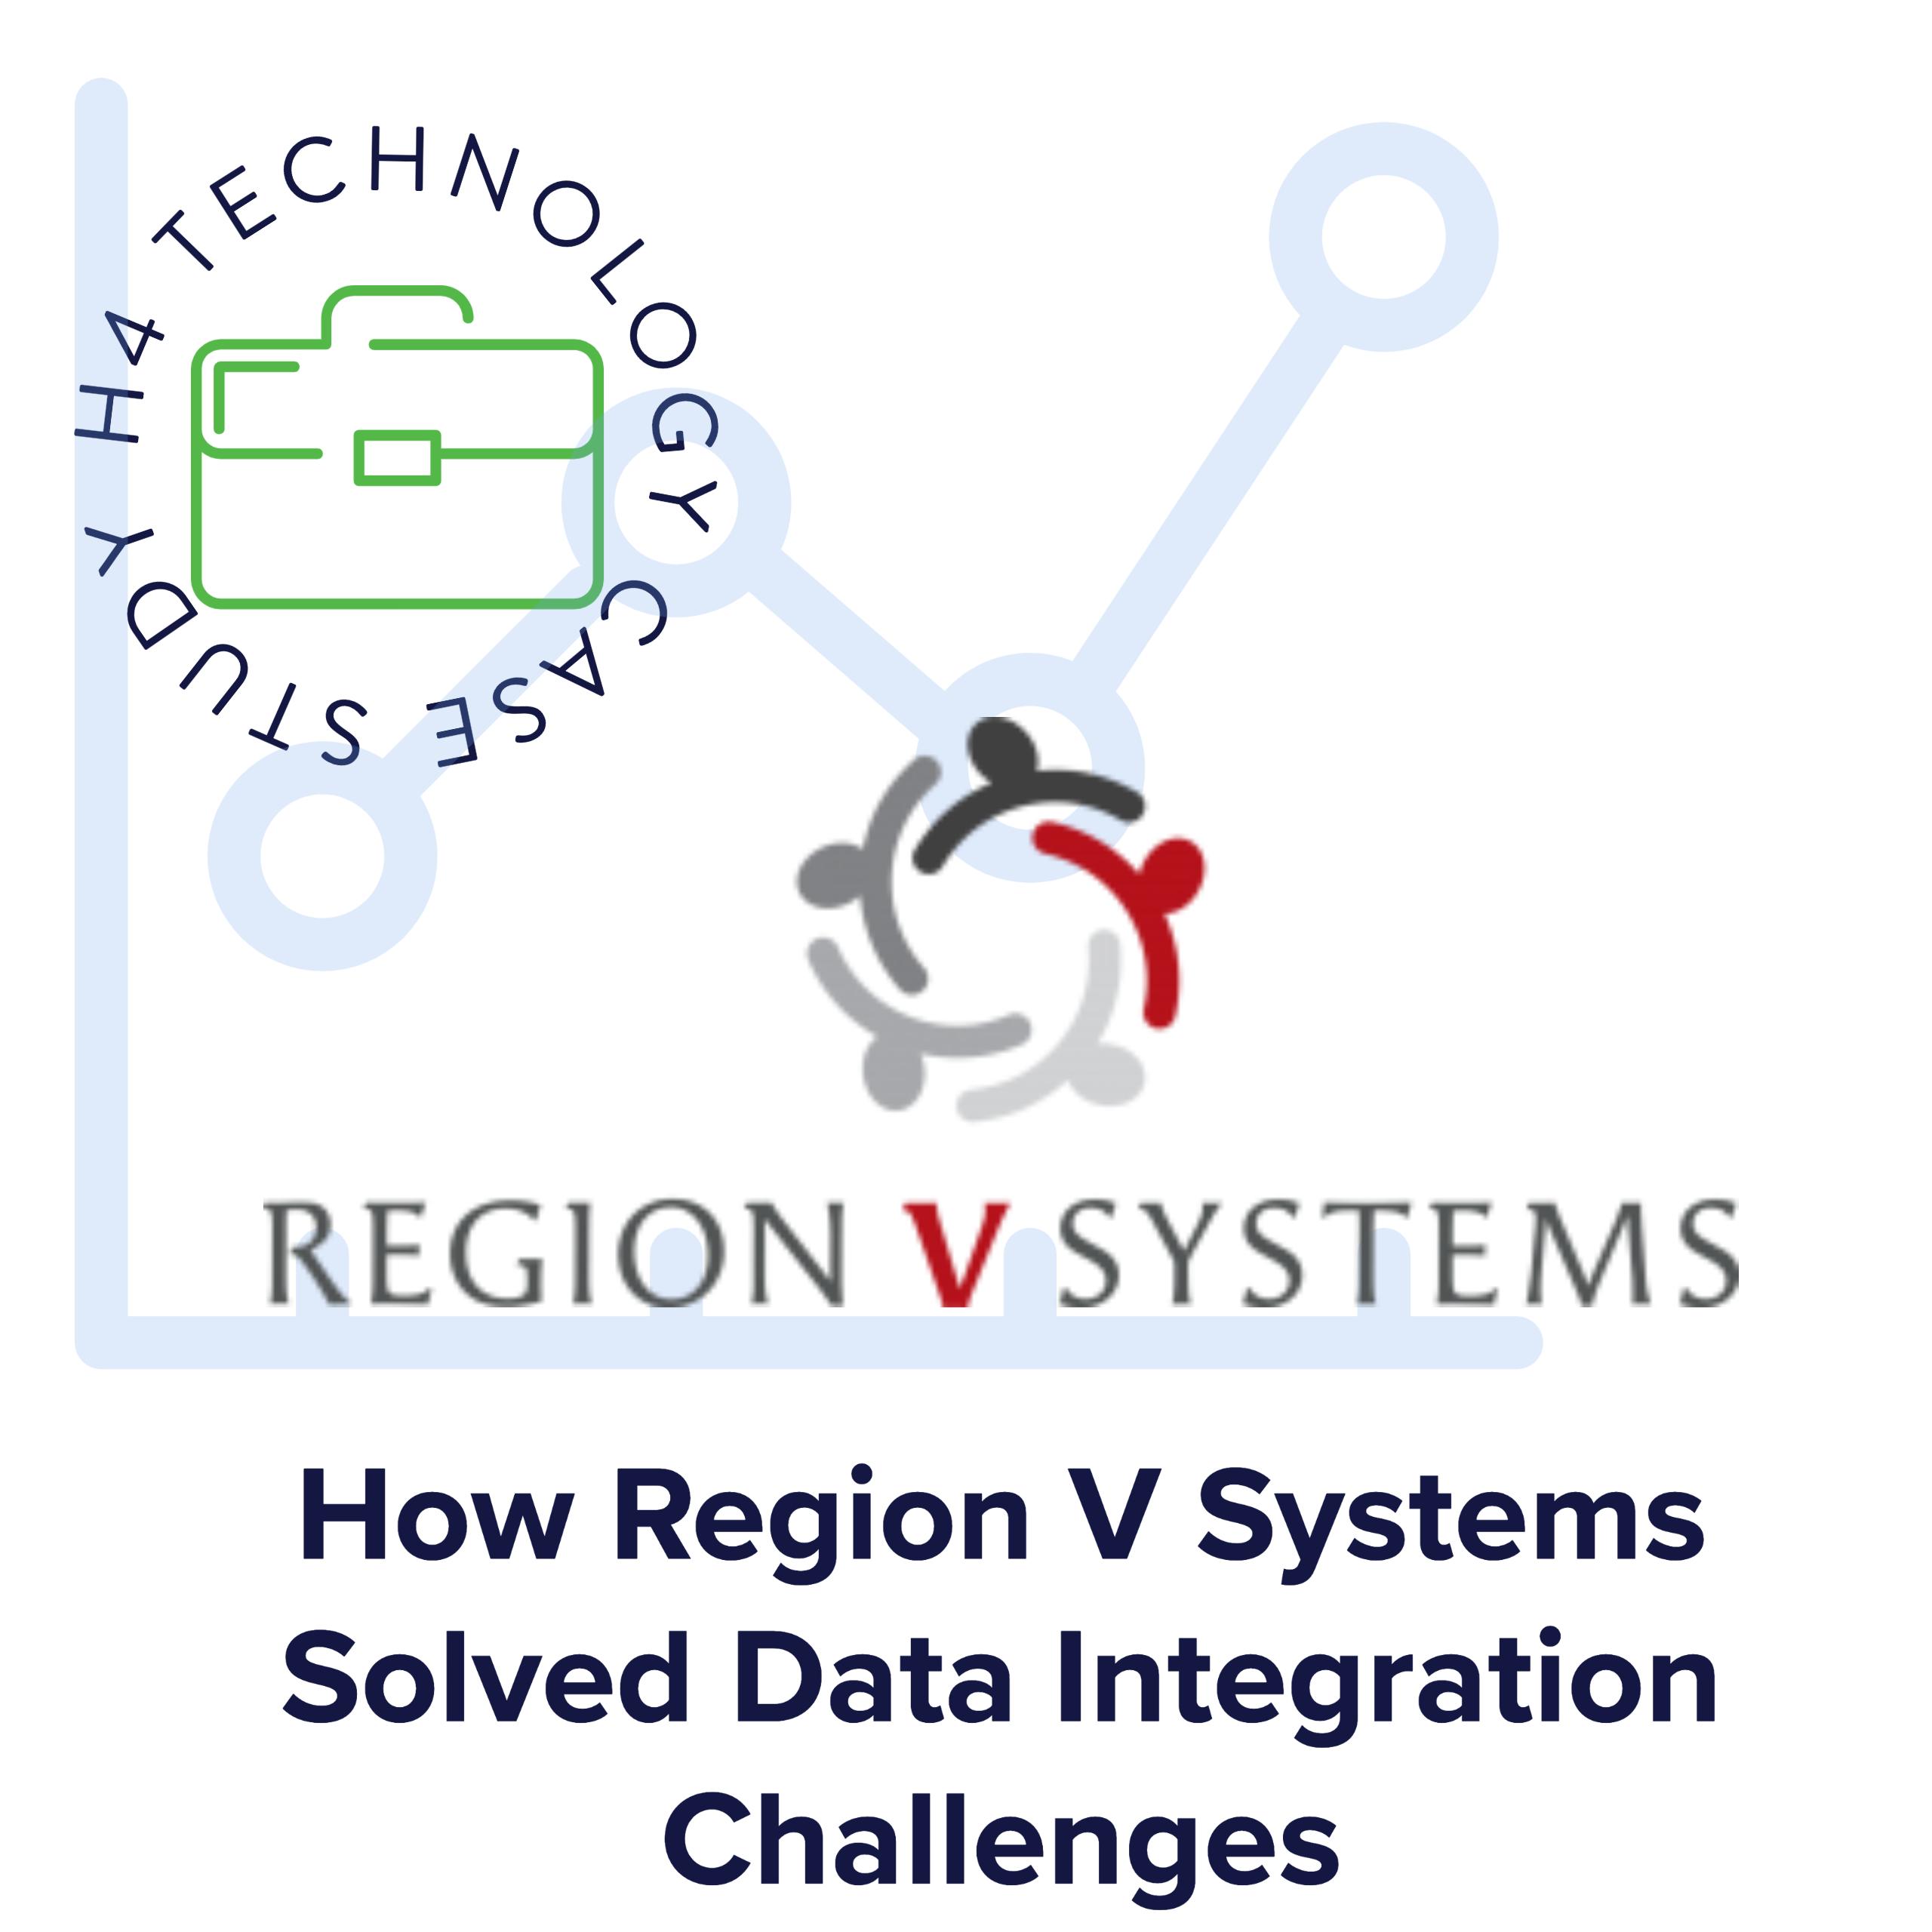 Region V Case Study 2